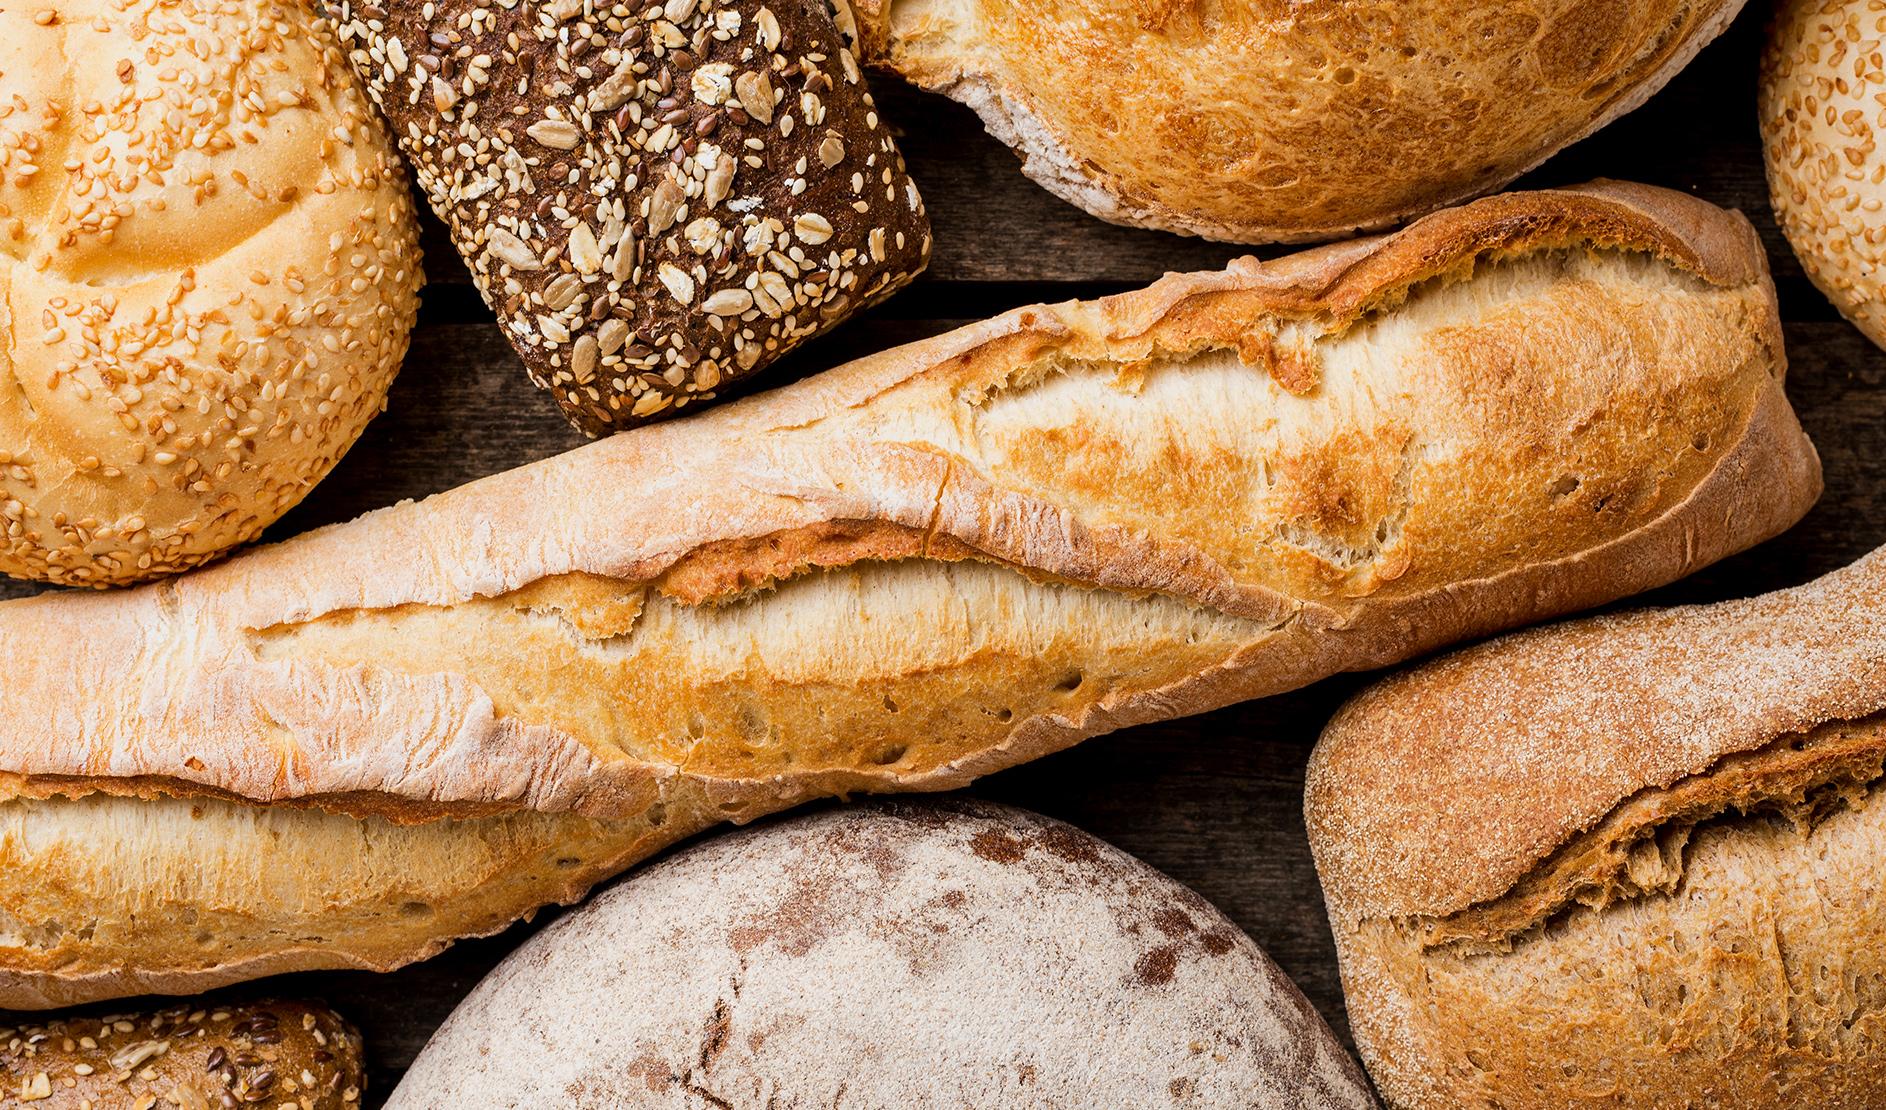 Produzione di pane caserreccio a Gubbio